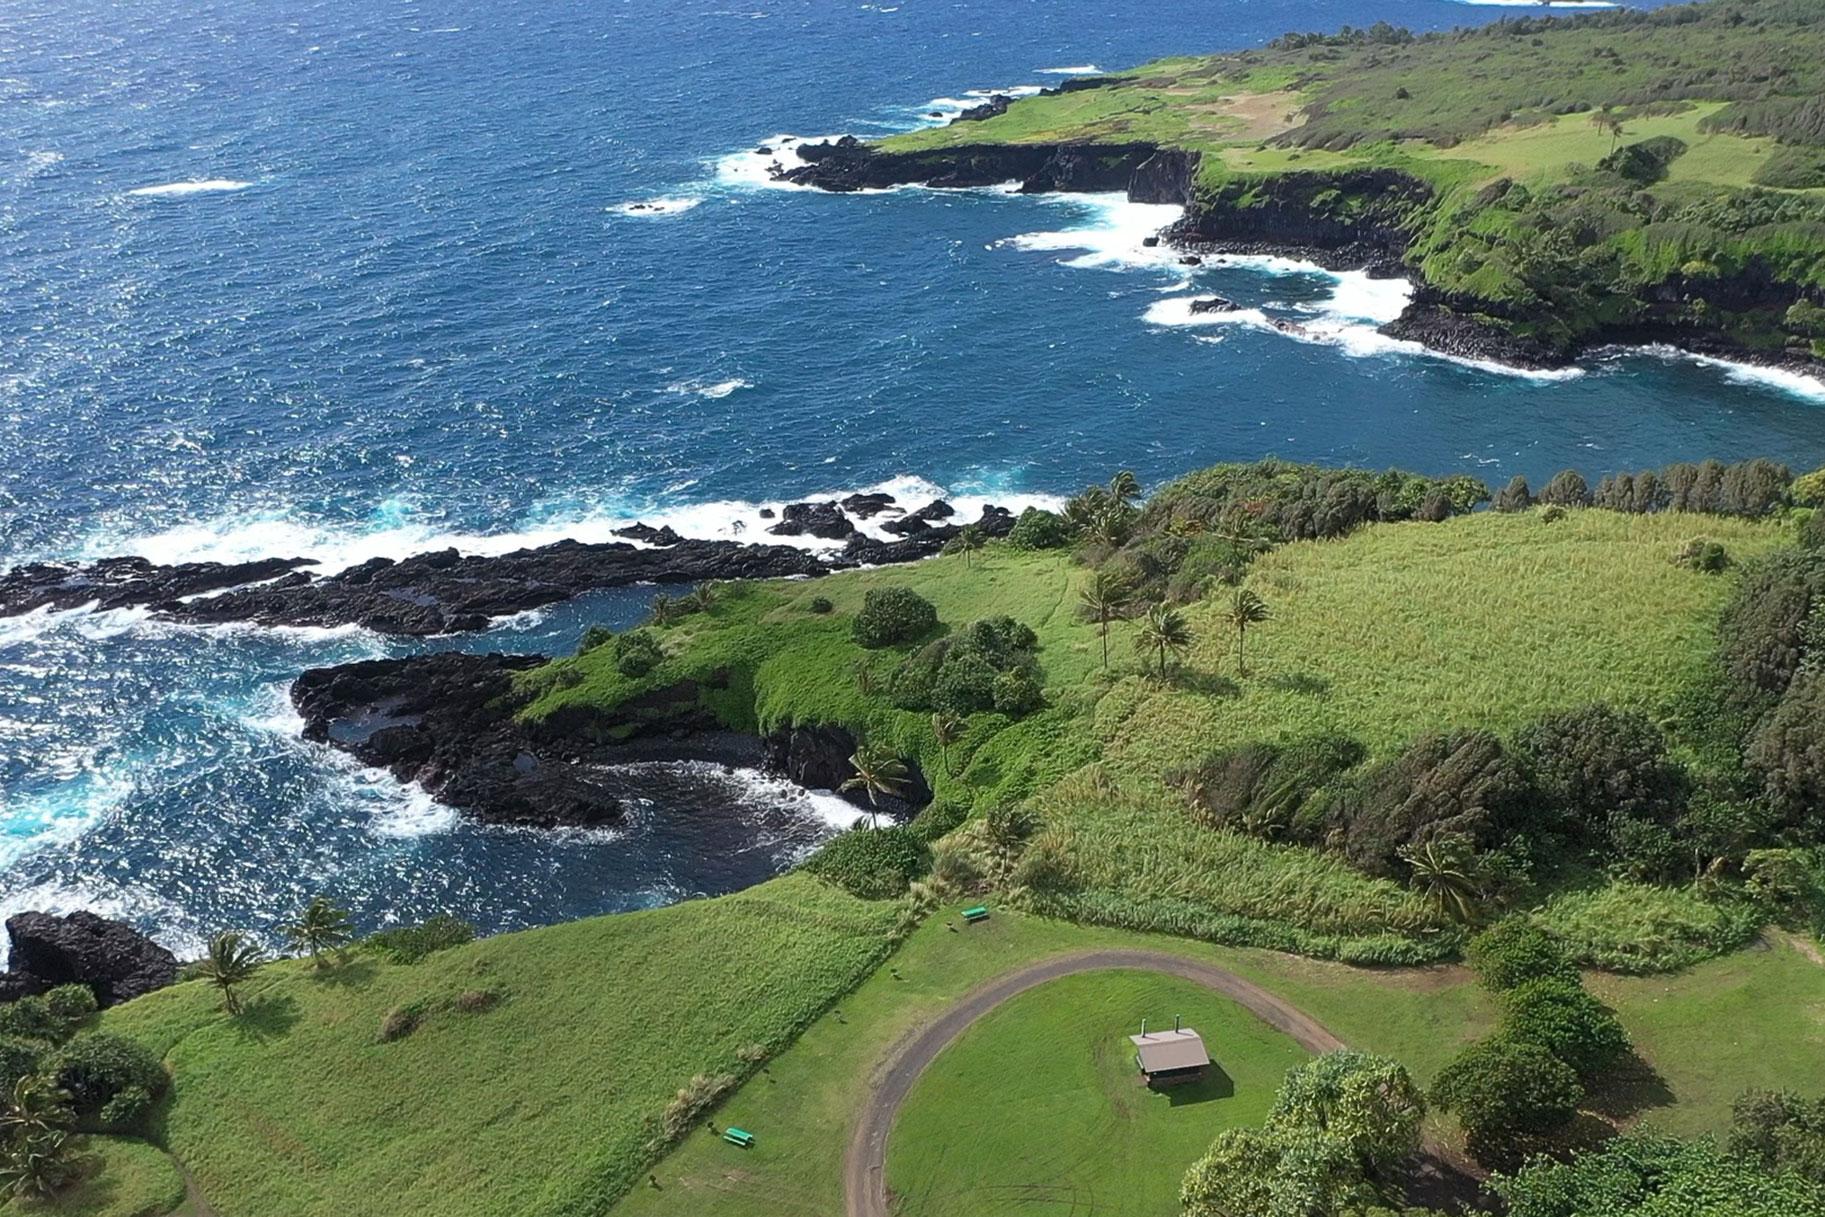 Mujer arroja coche sobre un acantilado de Maui y mata a su hermana gemela, pero ¿fue un asesinato?